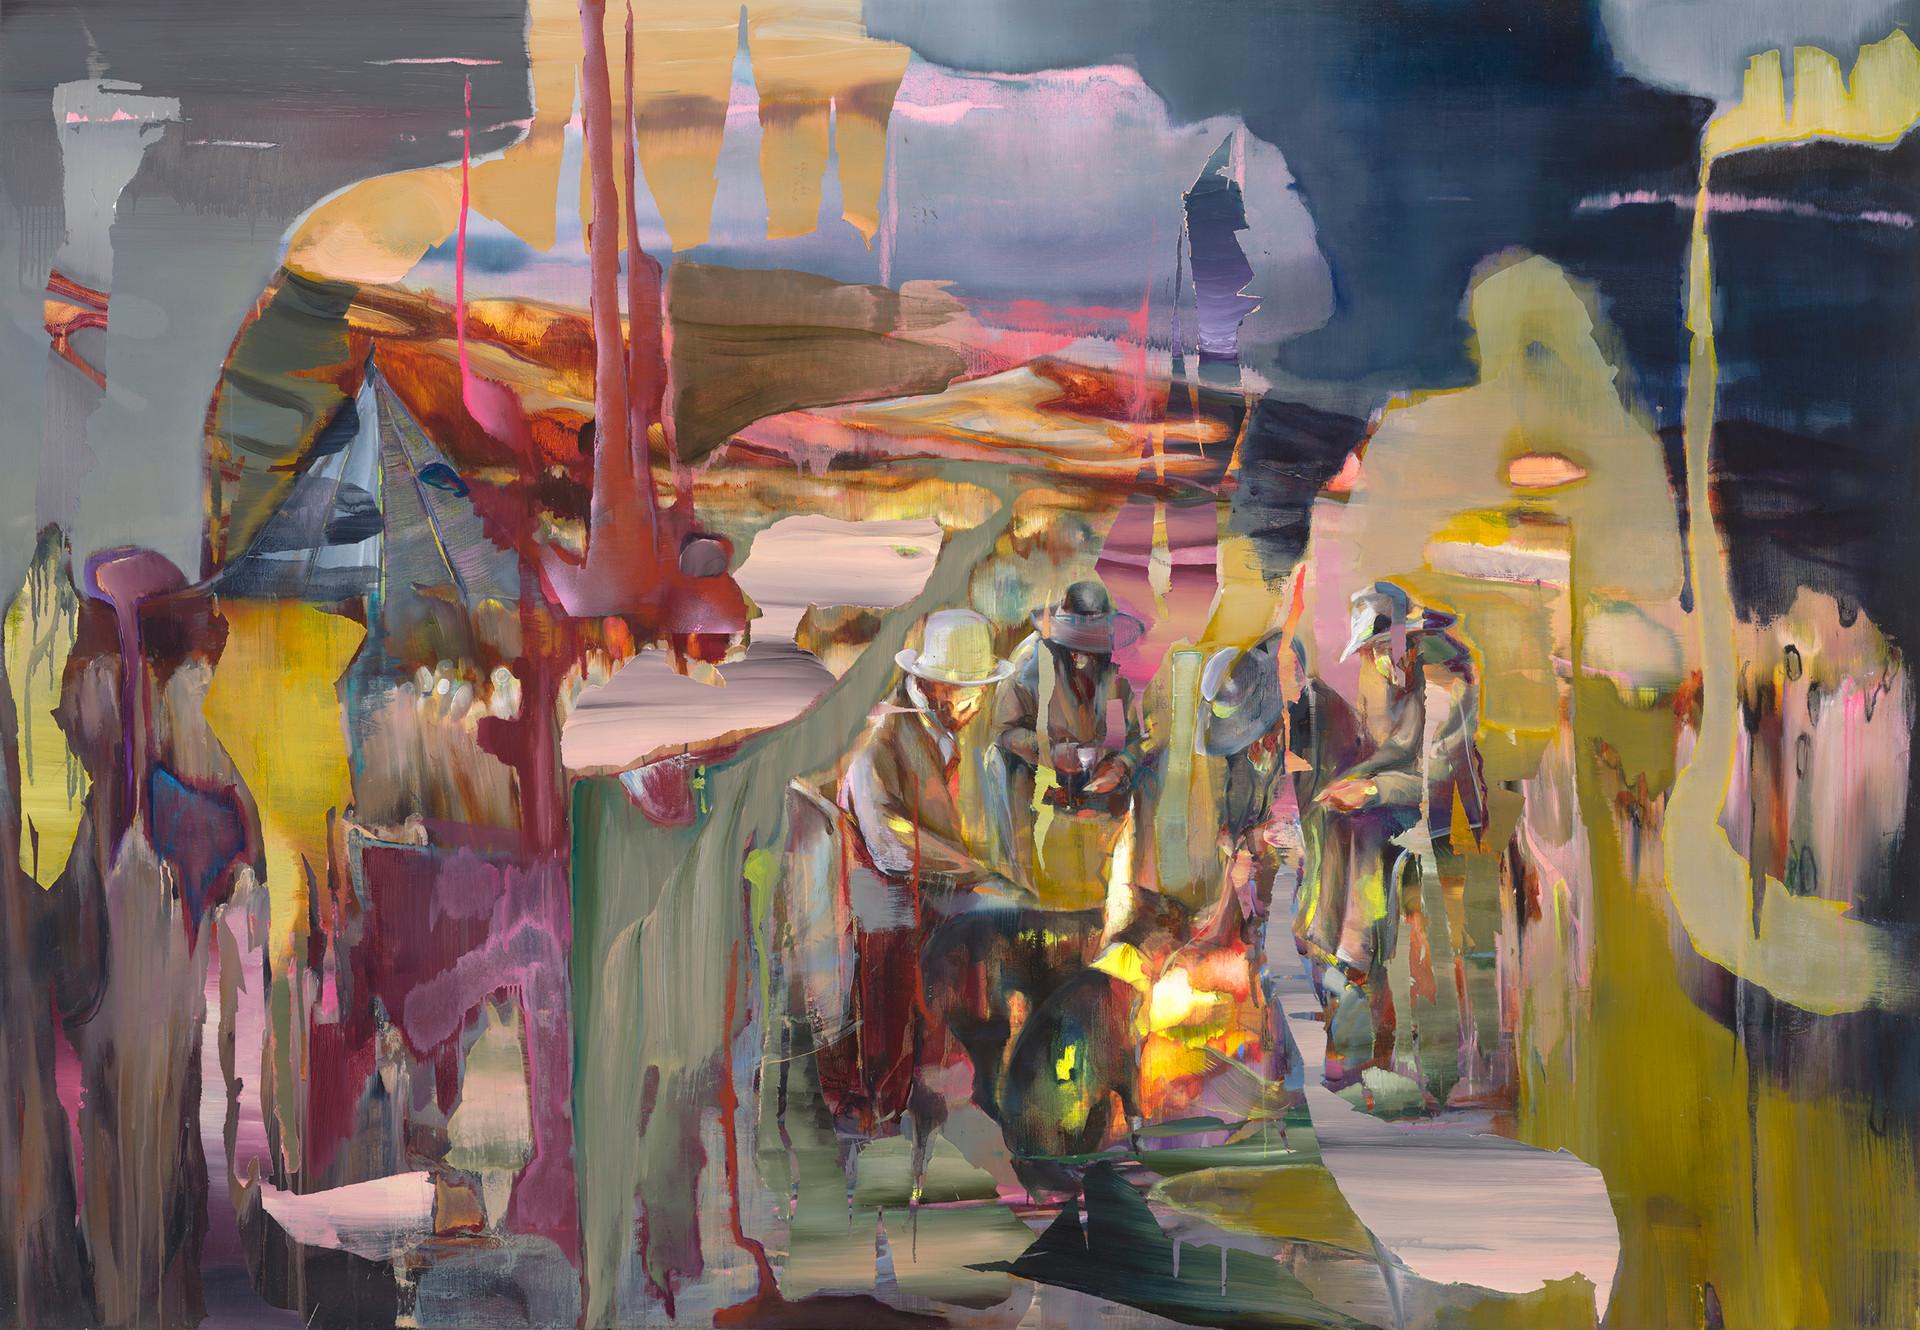 Dreamers, 180 x 240 cm, oil on linen, 2018